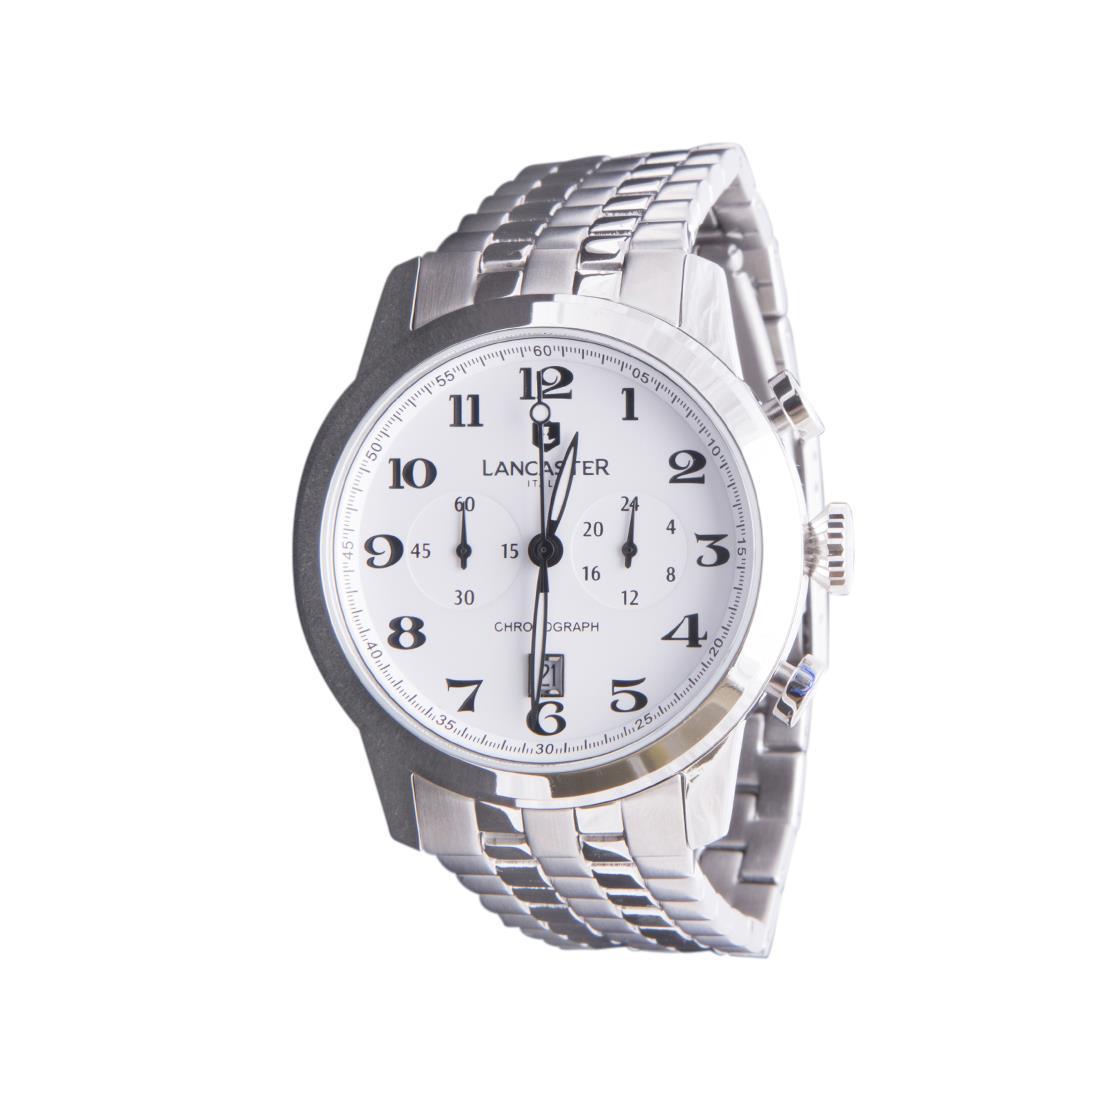 Orologio da uomo con cassa di 42 mm - LANCASTER